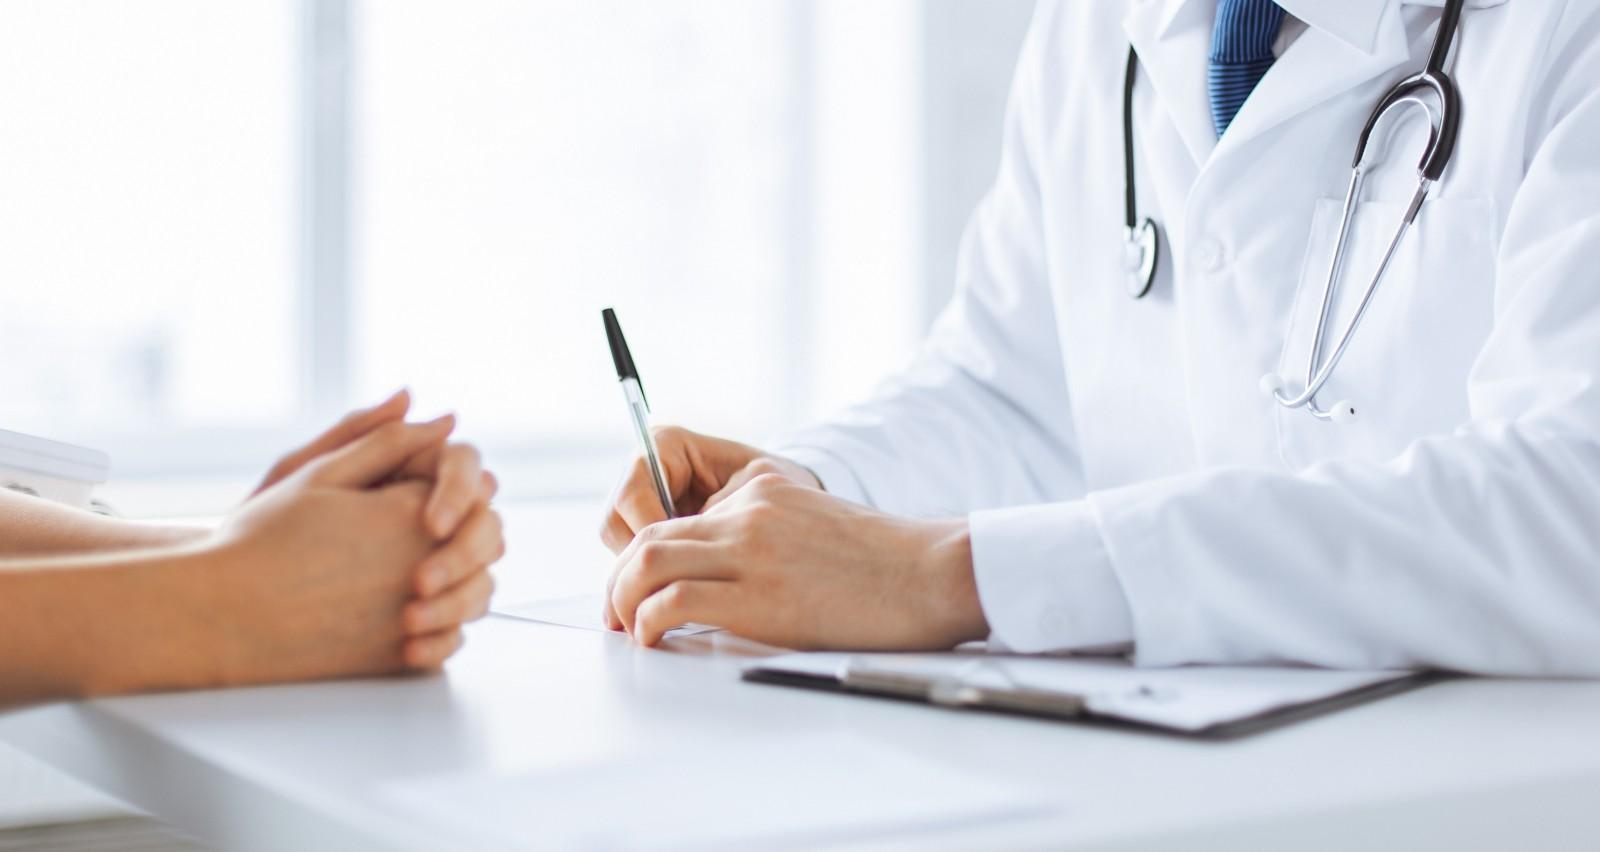 Clínica Concon abre nova unidade de colonoscopia e endoscopia em Vinhedo